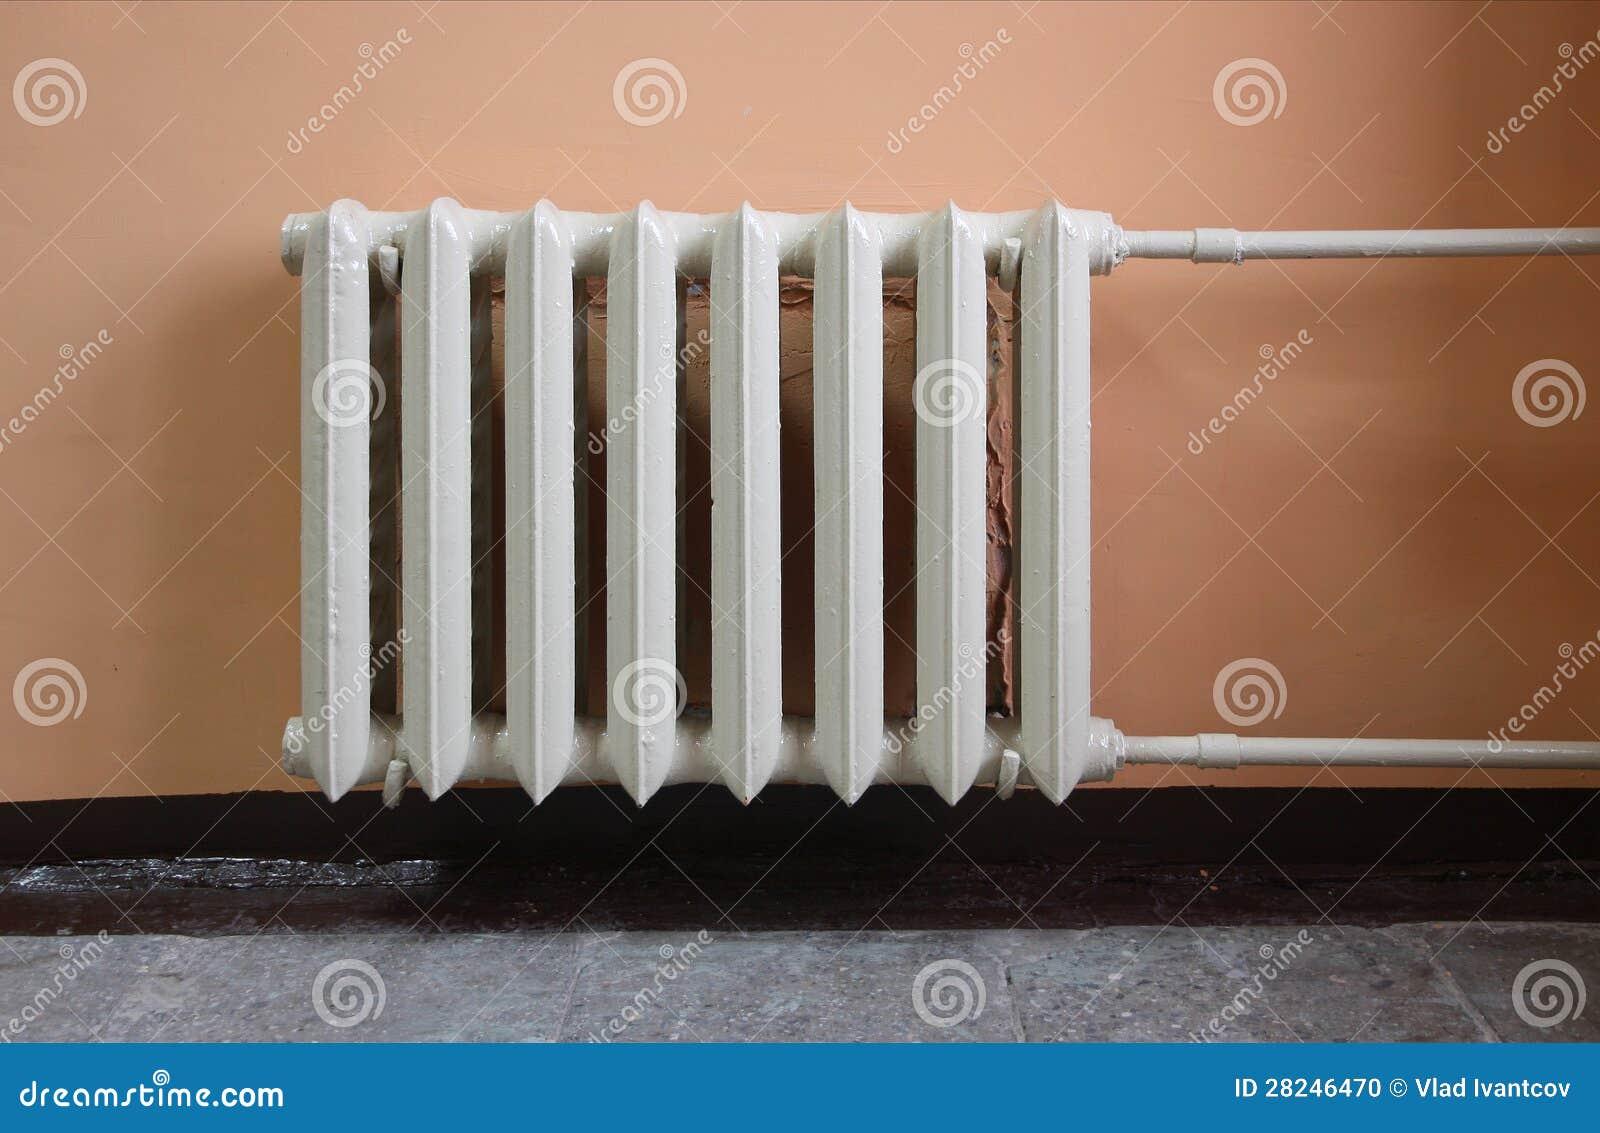 Θερμαντικό θερμαντικό σώμα.